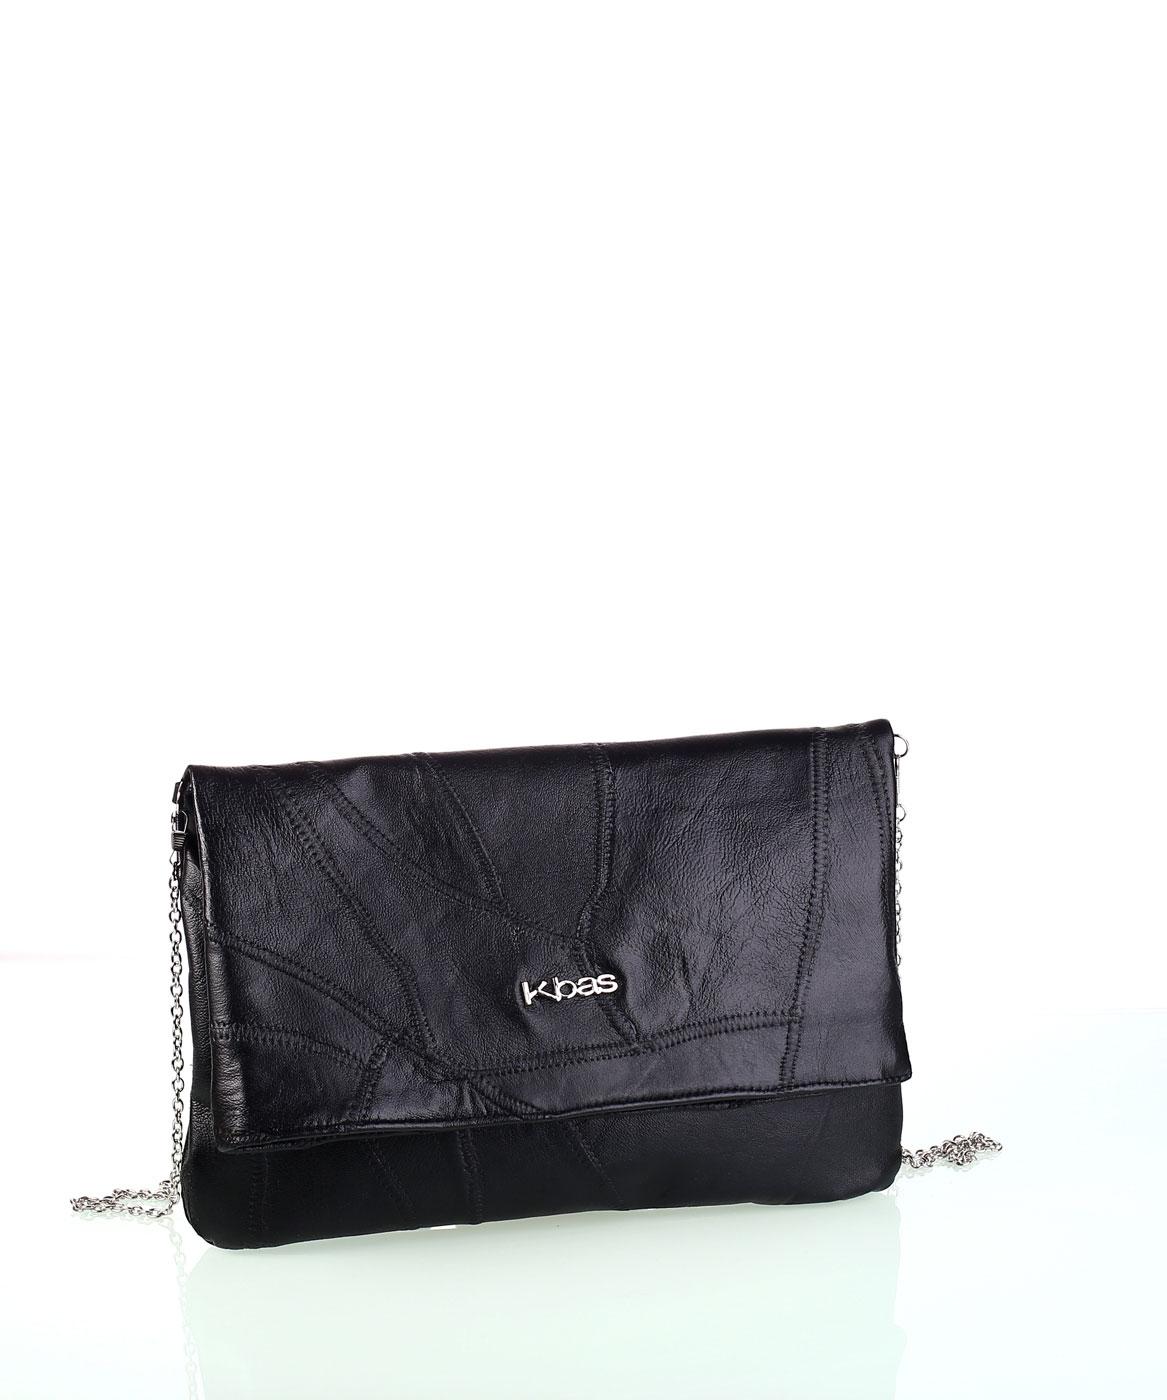 123cc3782 Dámska kožená kabelka s retiazkou cez rameno Kbas čierna | Kbas